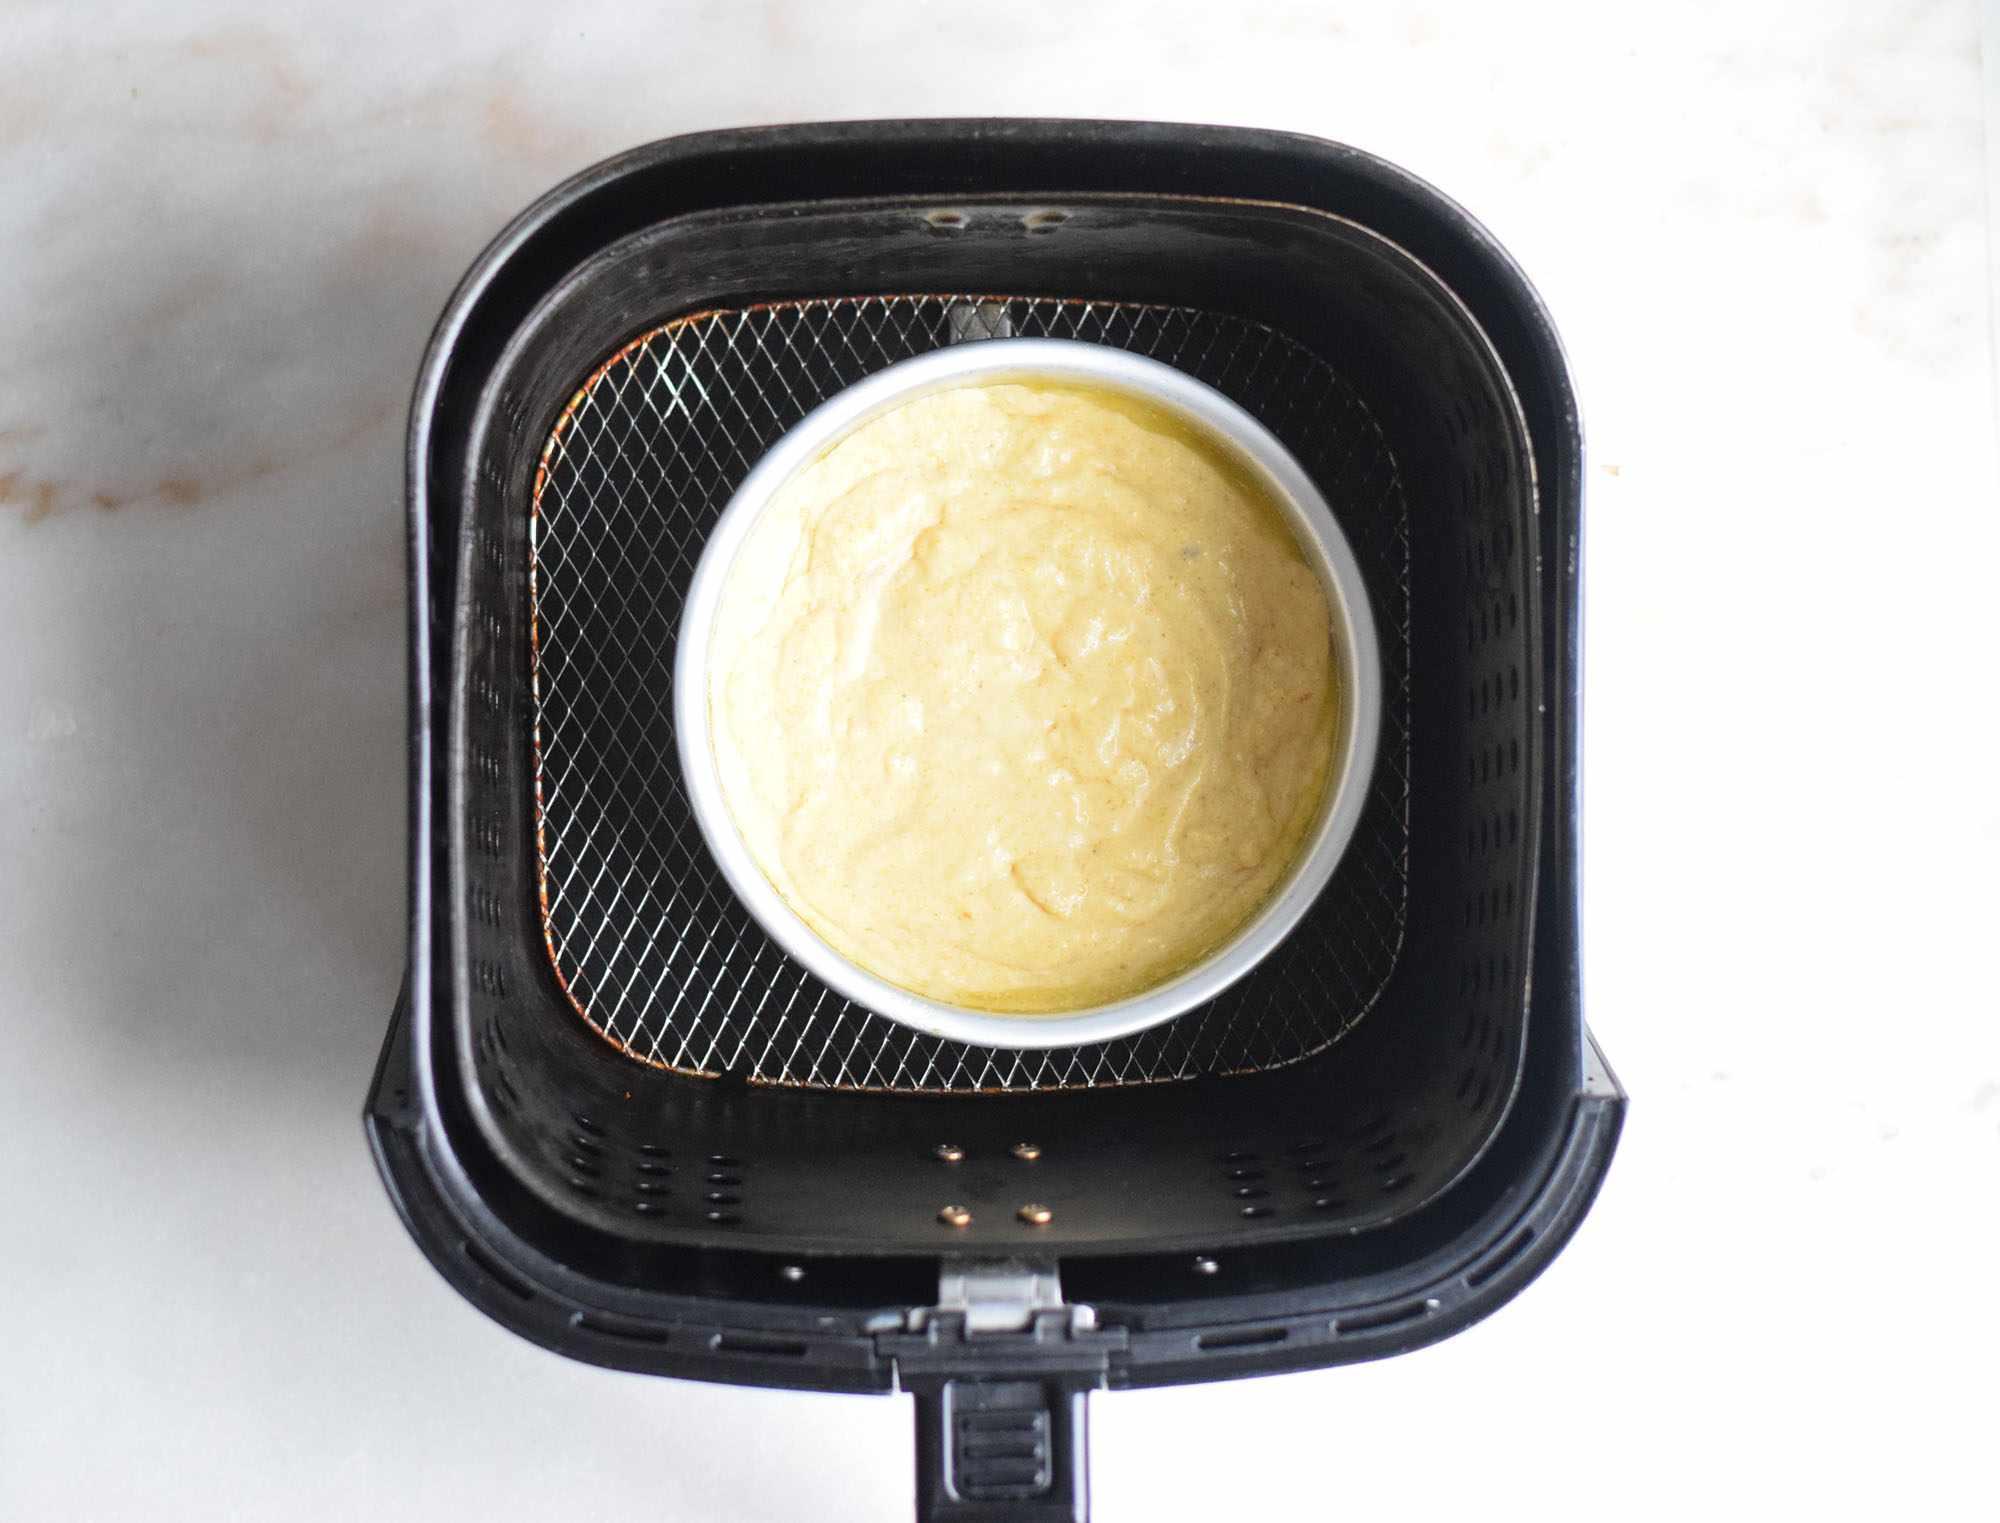 cornbread batter in a pan in an air fryer basket